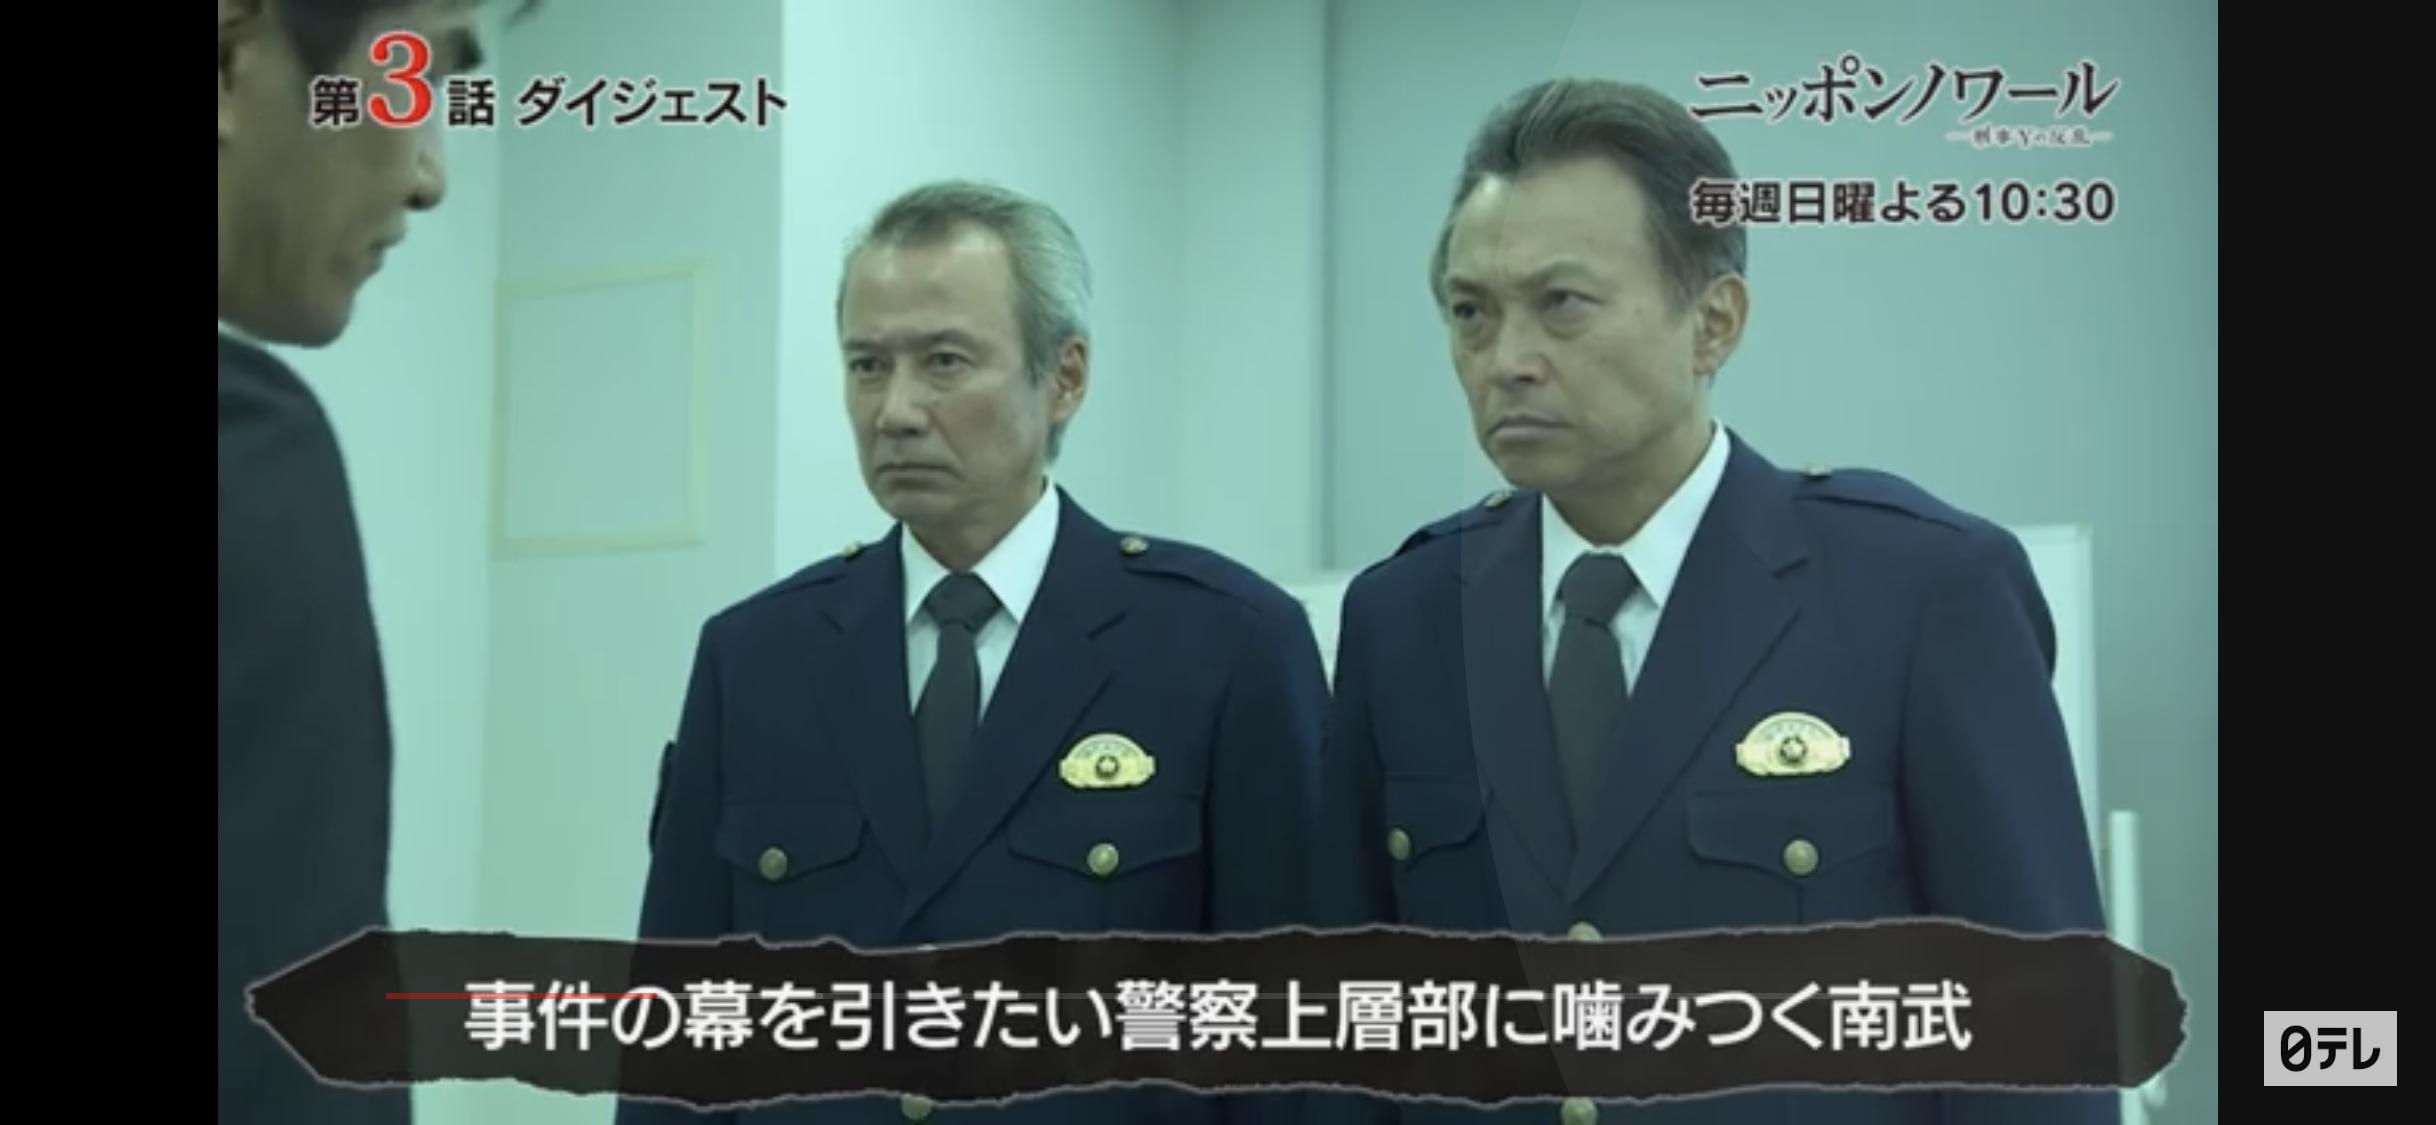 ニッポンノワール #3 容疑者才門 感想 【ネタバレあり】